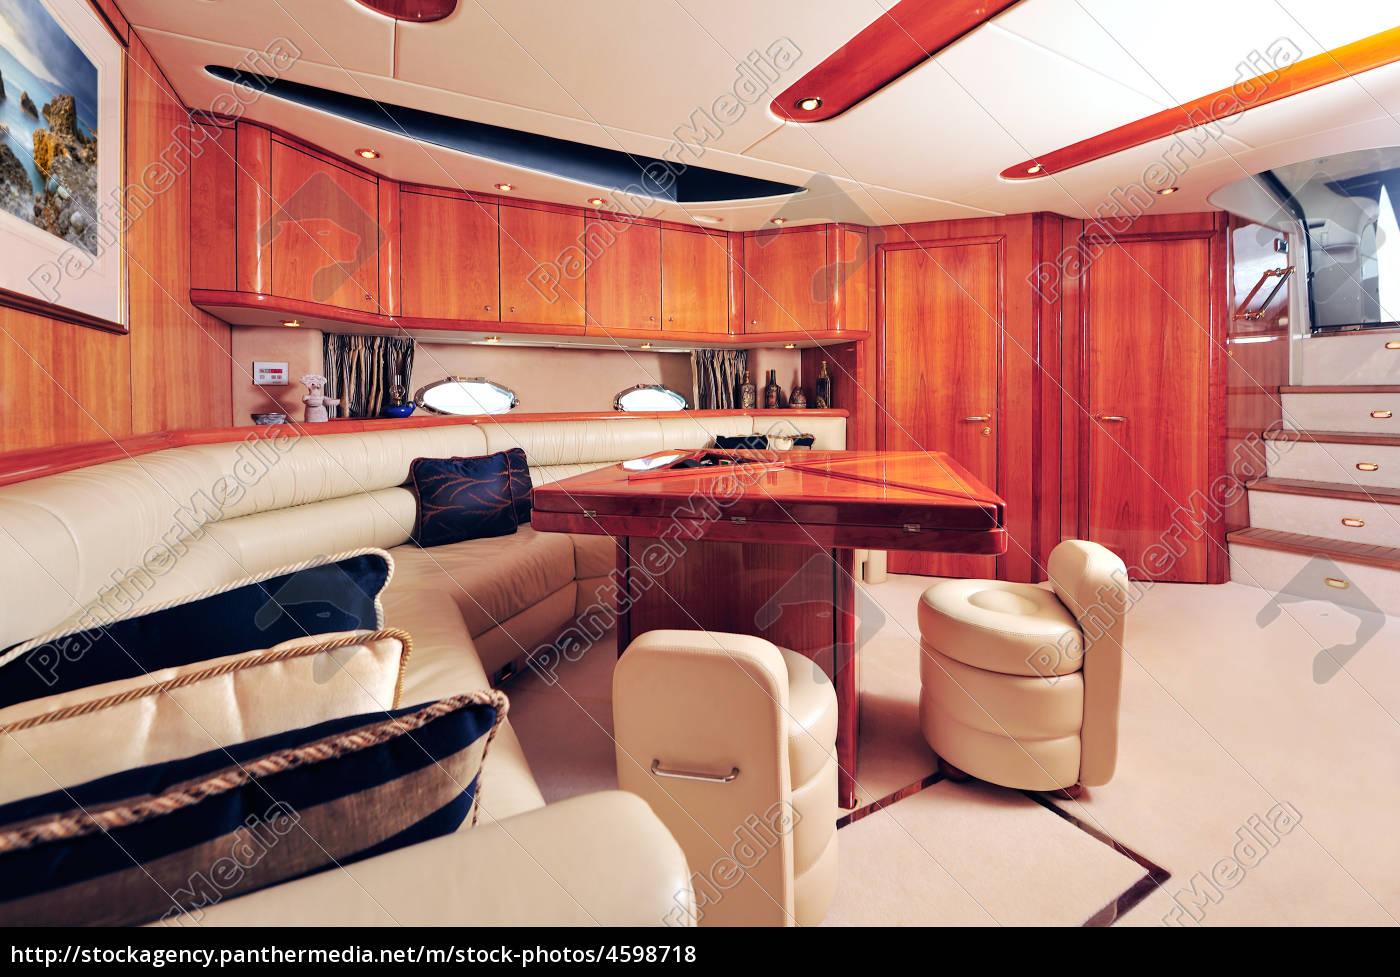 Luxusyachten innen  luxusyacht innen - Stockfoto - #4598718 - Bildagentur PantherMedia